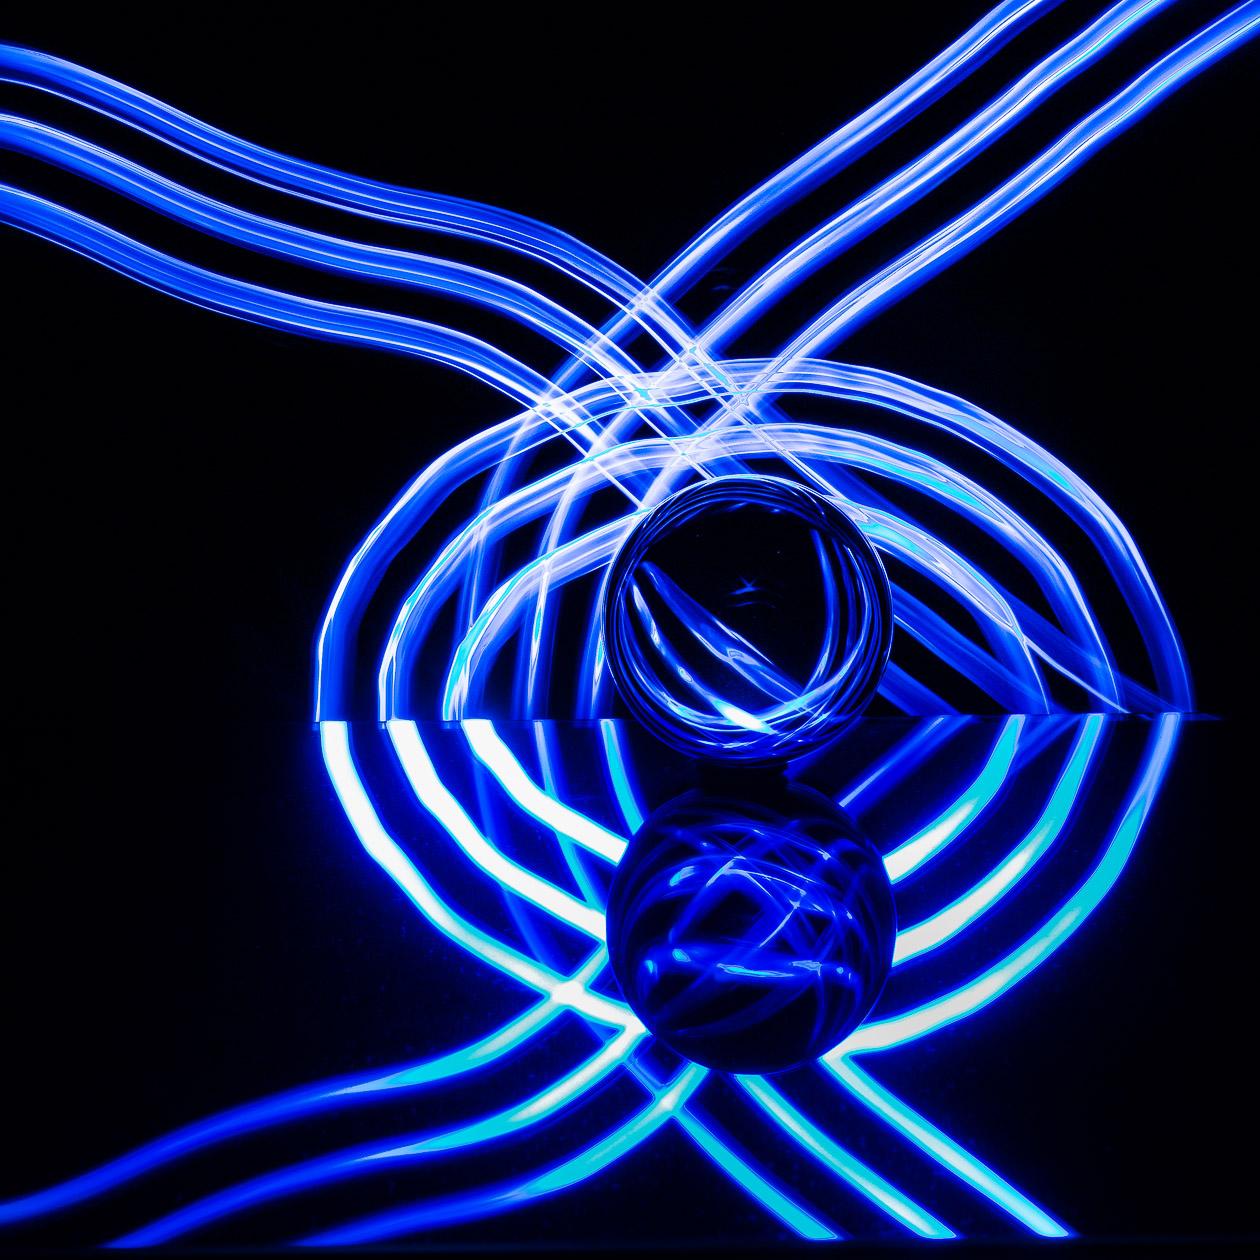 Lichtkurven